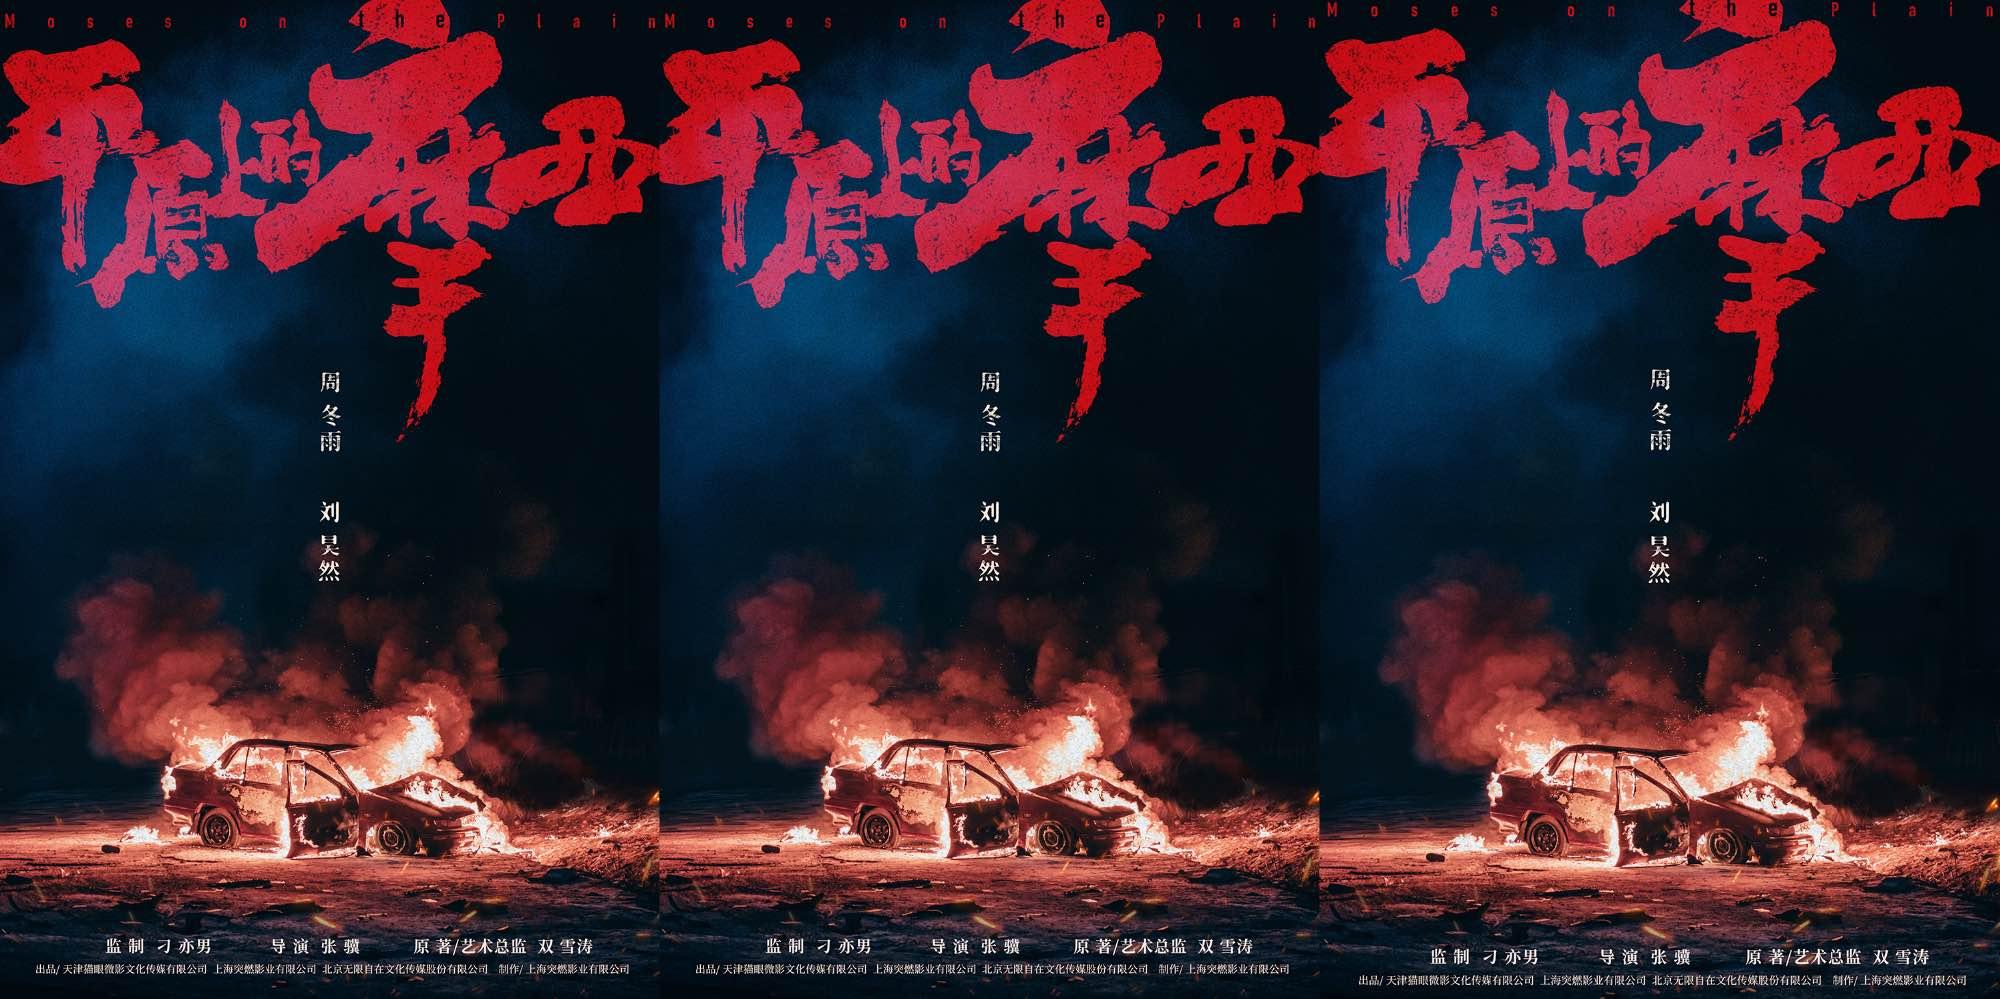 《平原上的摩西》周冬雨刘昊然首度合作 杀青海报冲天烈火藏玄机